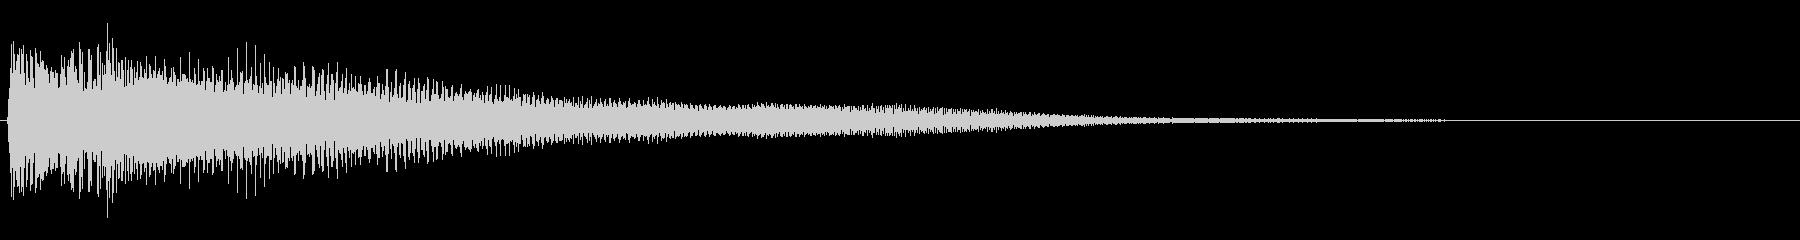 シンプルなピアノ効果音 ジャラーンの未再生の波形